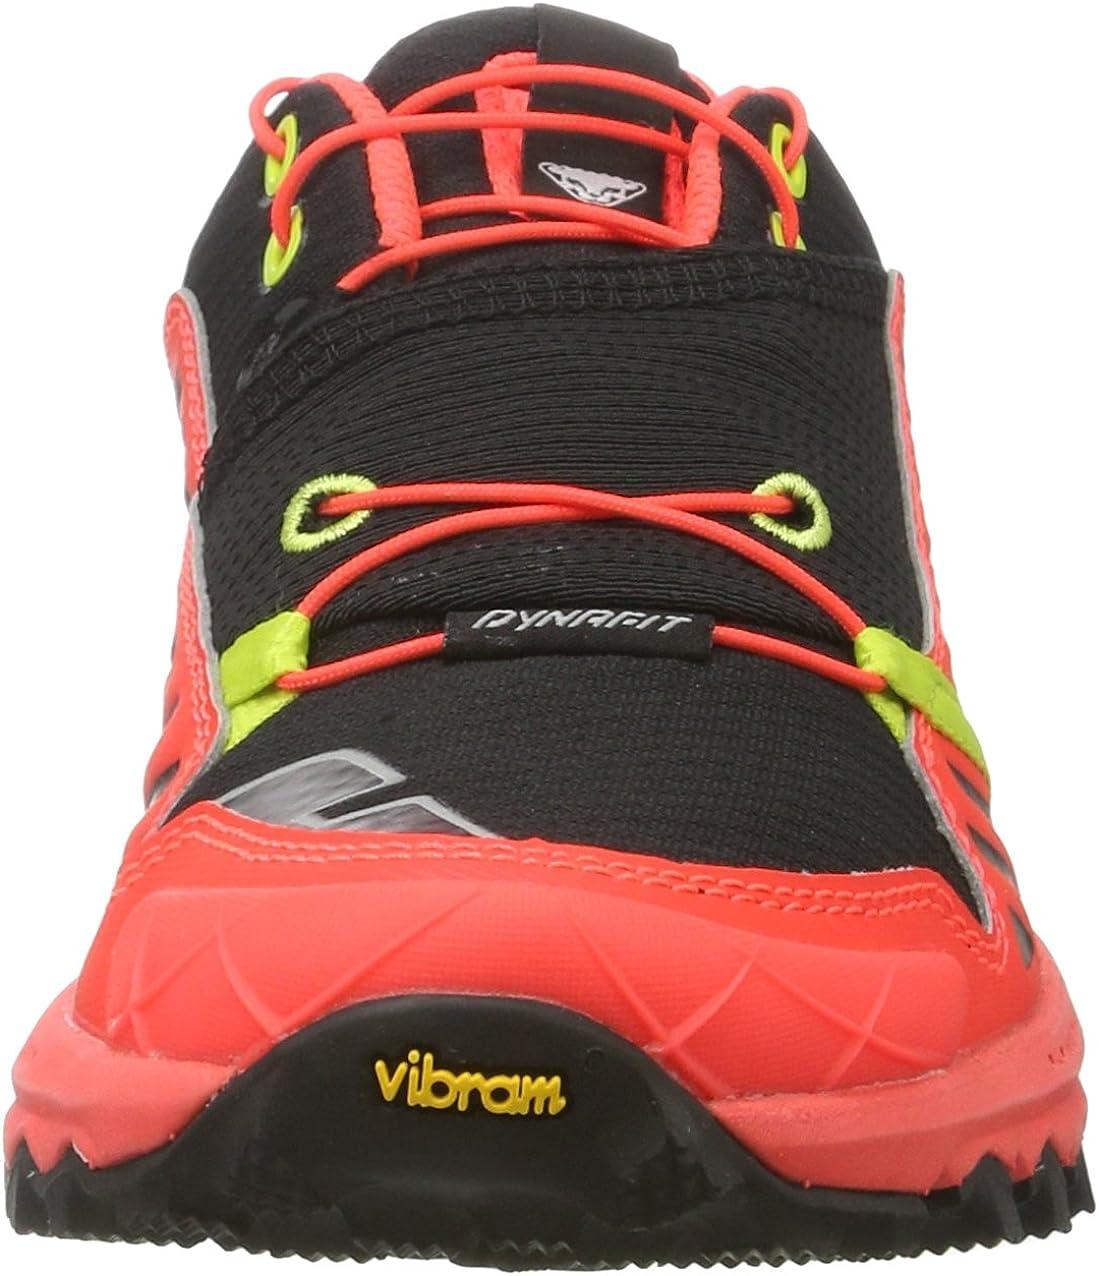 Dynafit Alpine Pro W, Zapatillas de Running para Asfalto para Mujer Multicolor Black Lime Punch